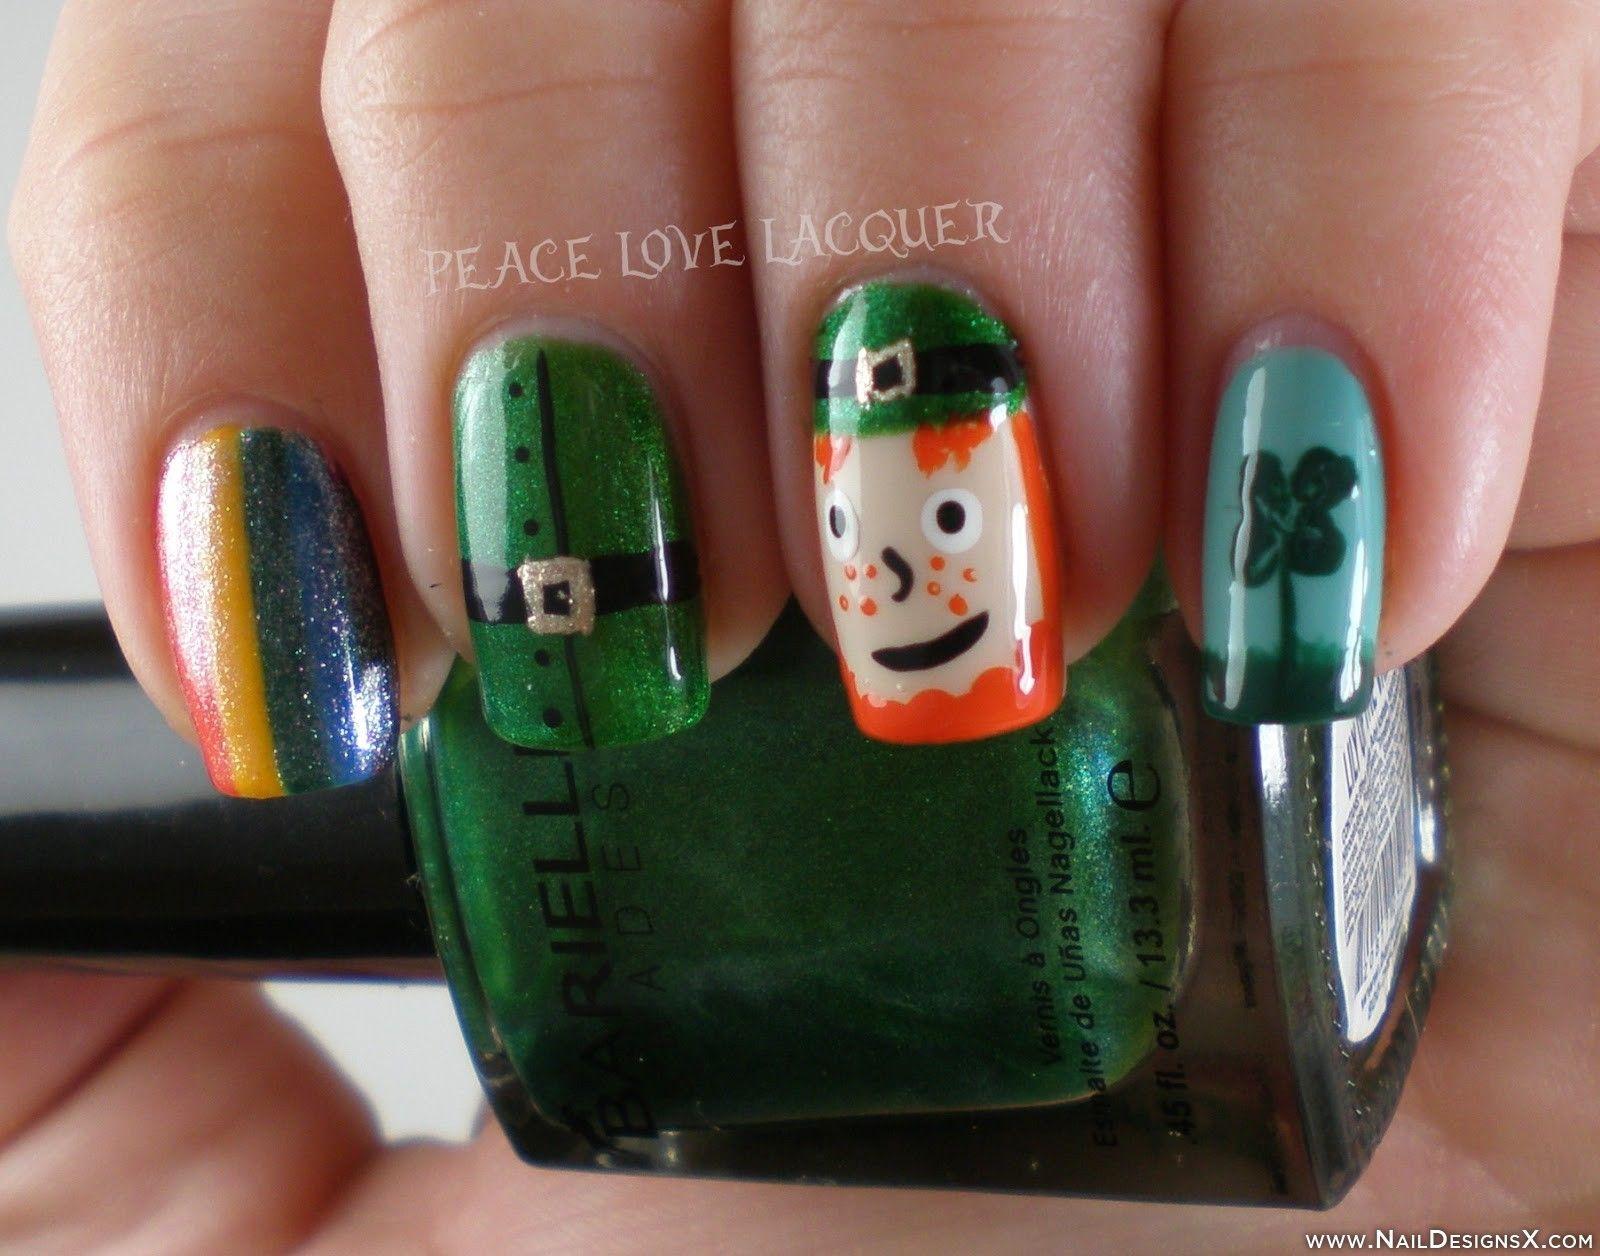 cute nail design for Irish day - Nail Designs & Nail Art | Holidays ...